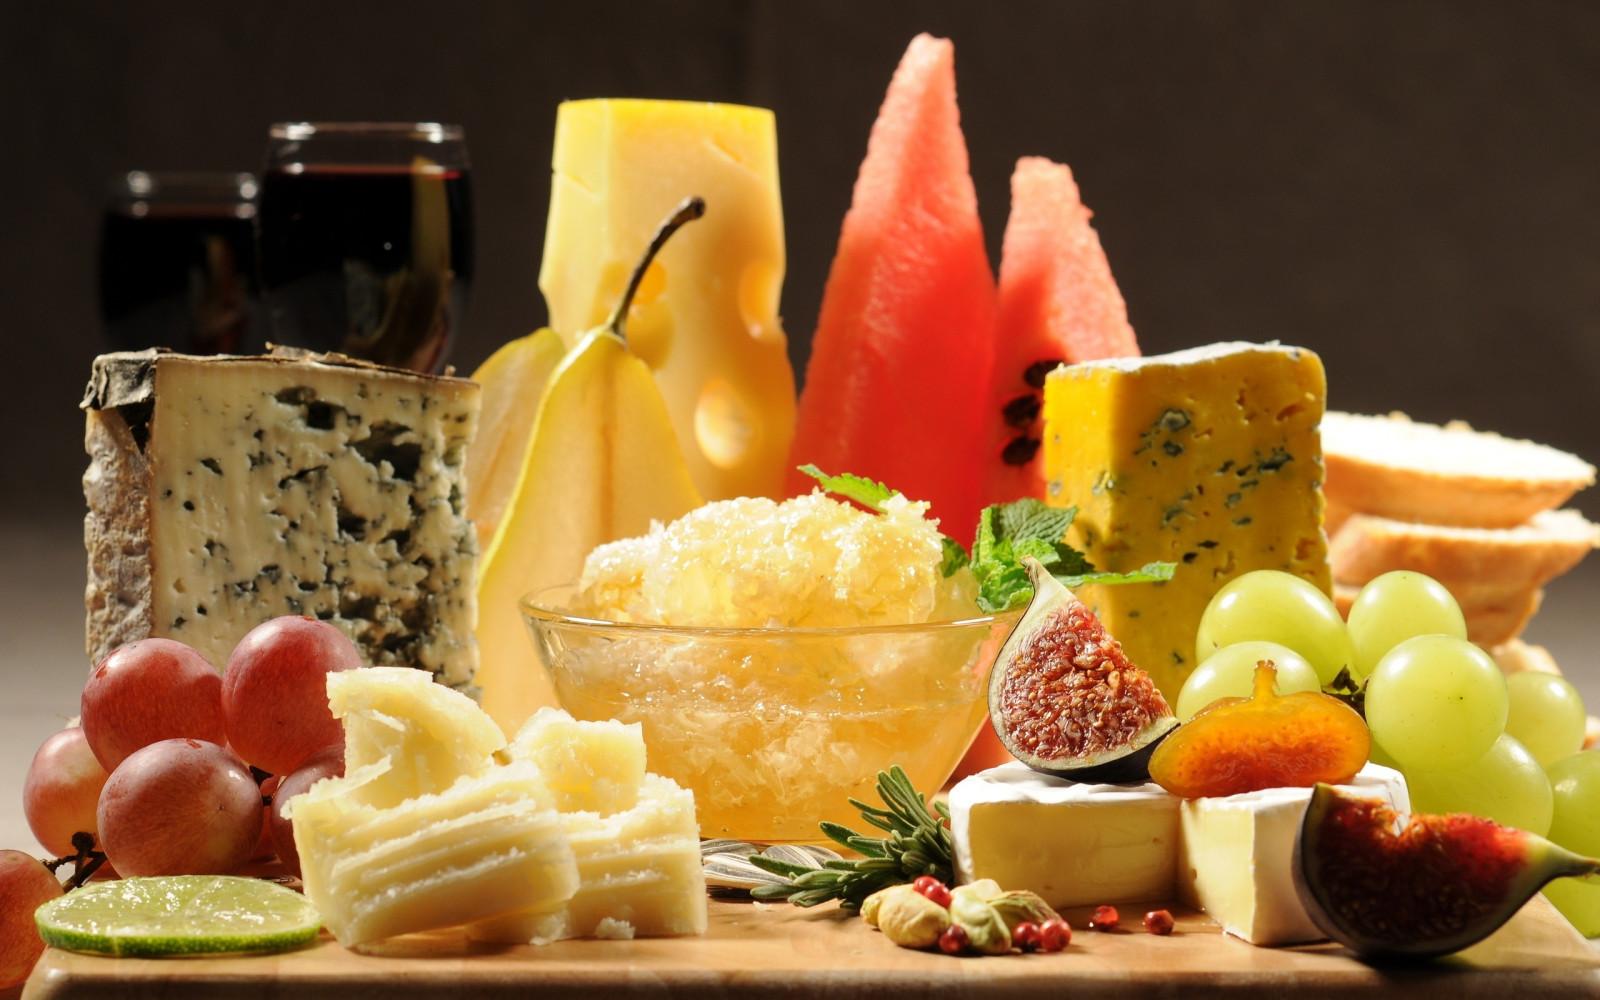 cheese_figs_corn_watermelon-631385.jpg!d